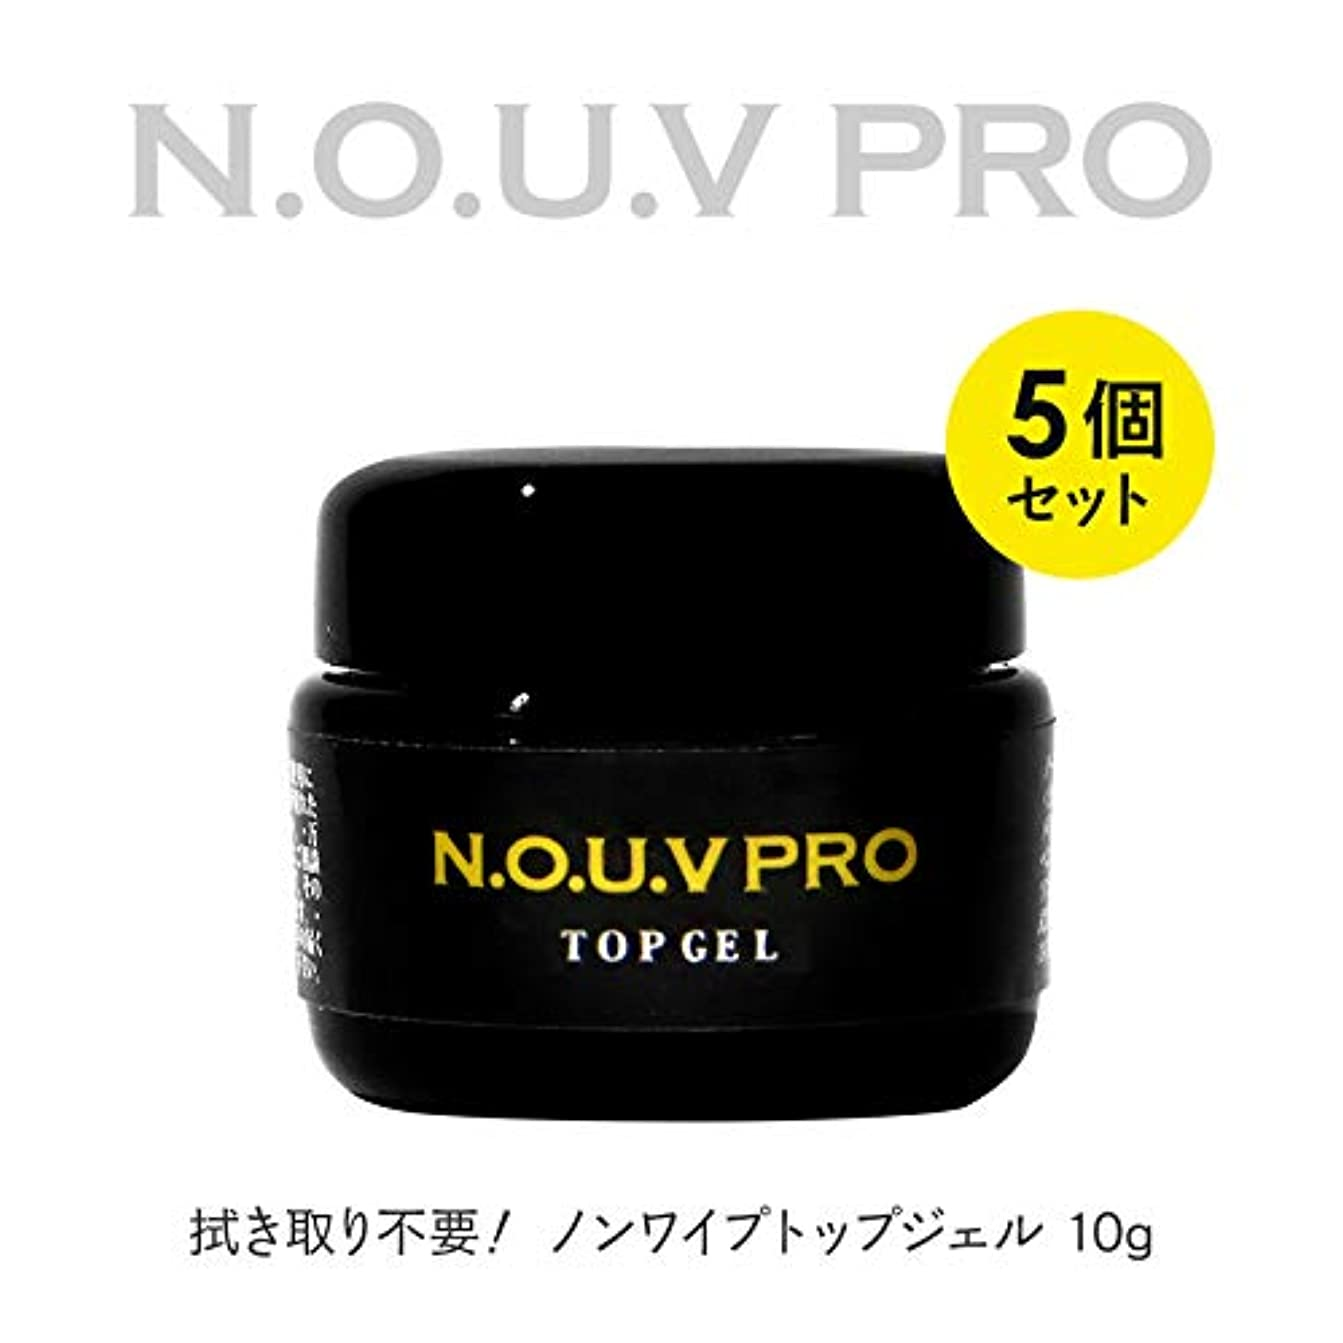 骨折蓮成果NOUV PRO(ノーヴプロ)ノンワイプクリアトップジェル 10g×5個セット